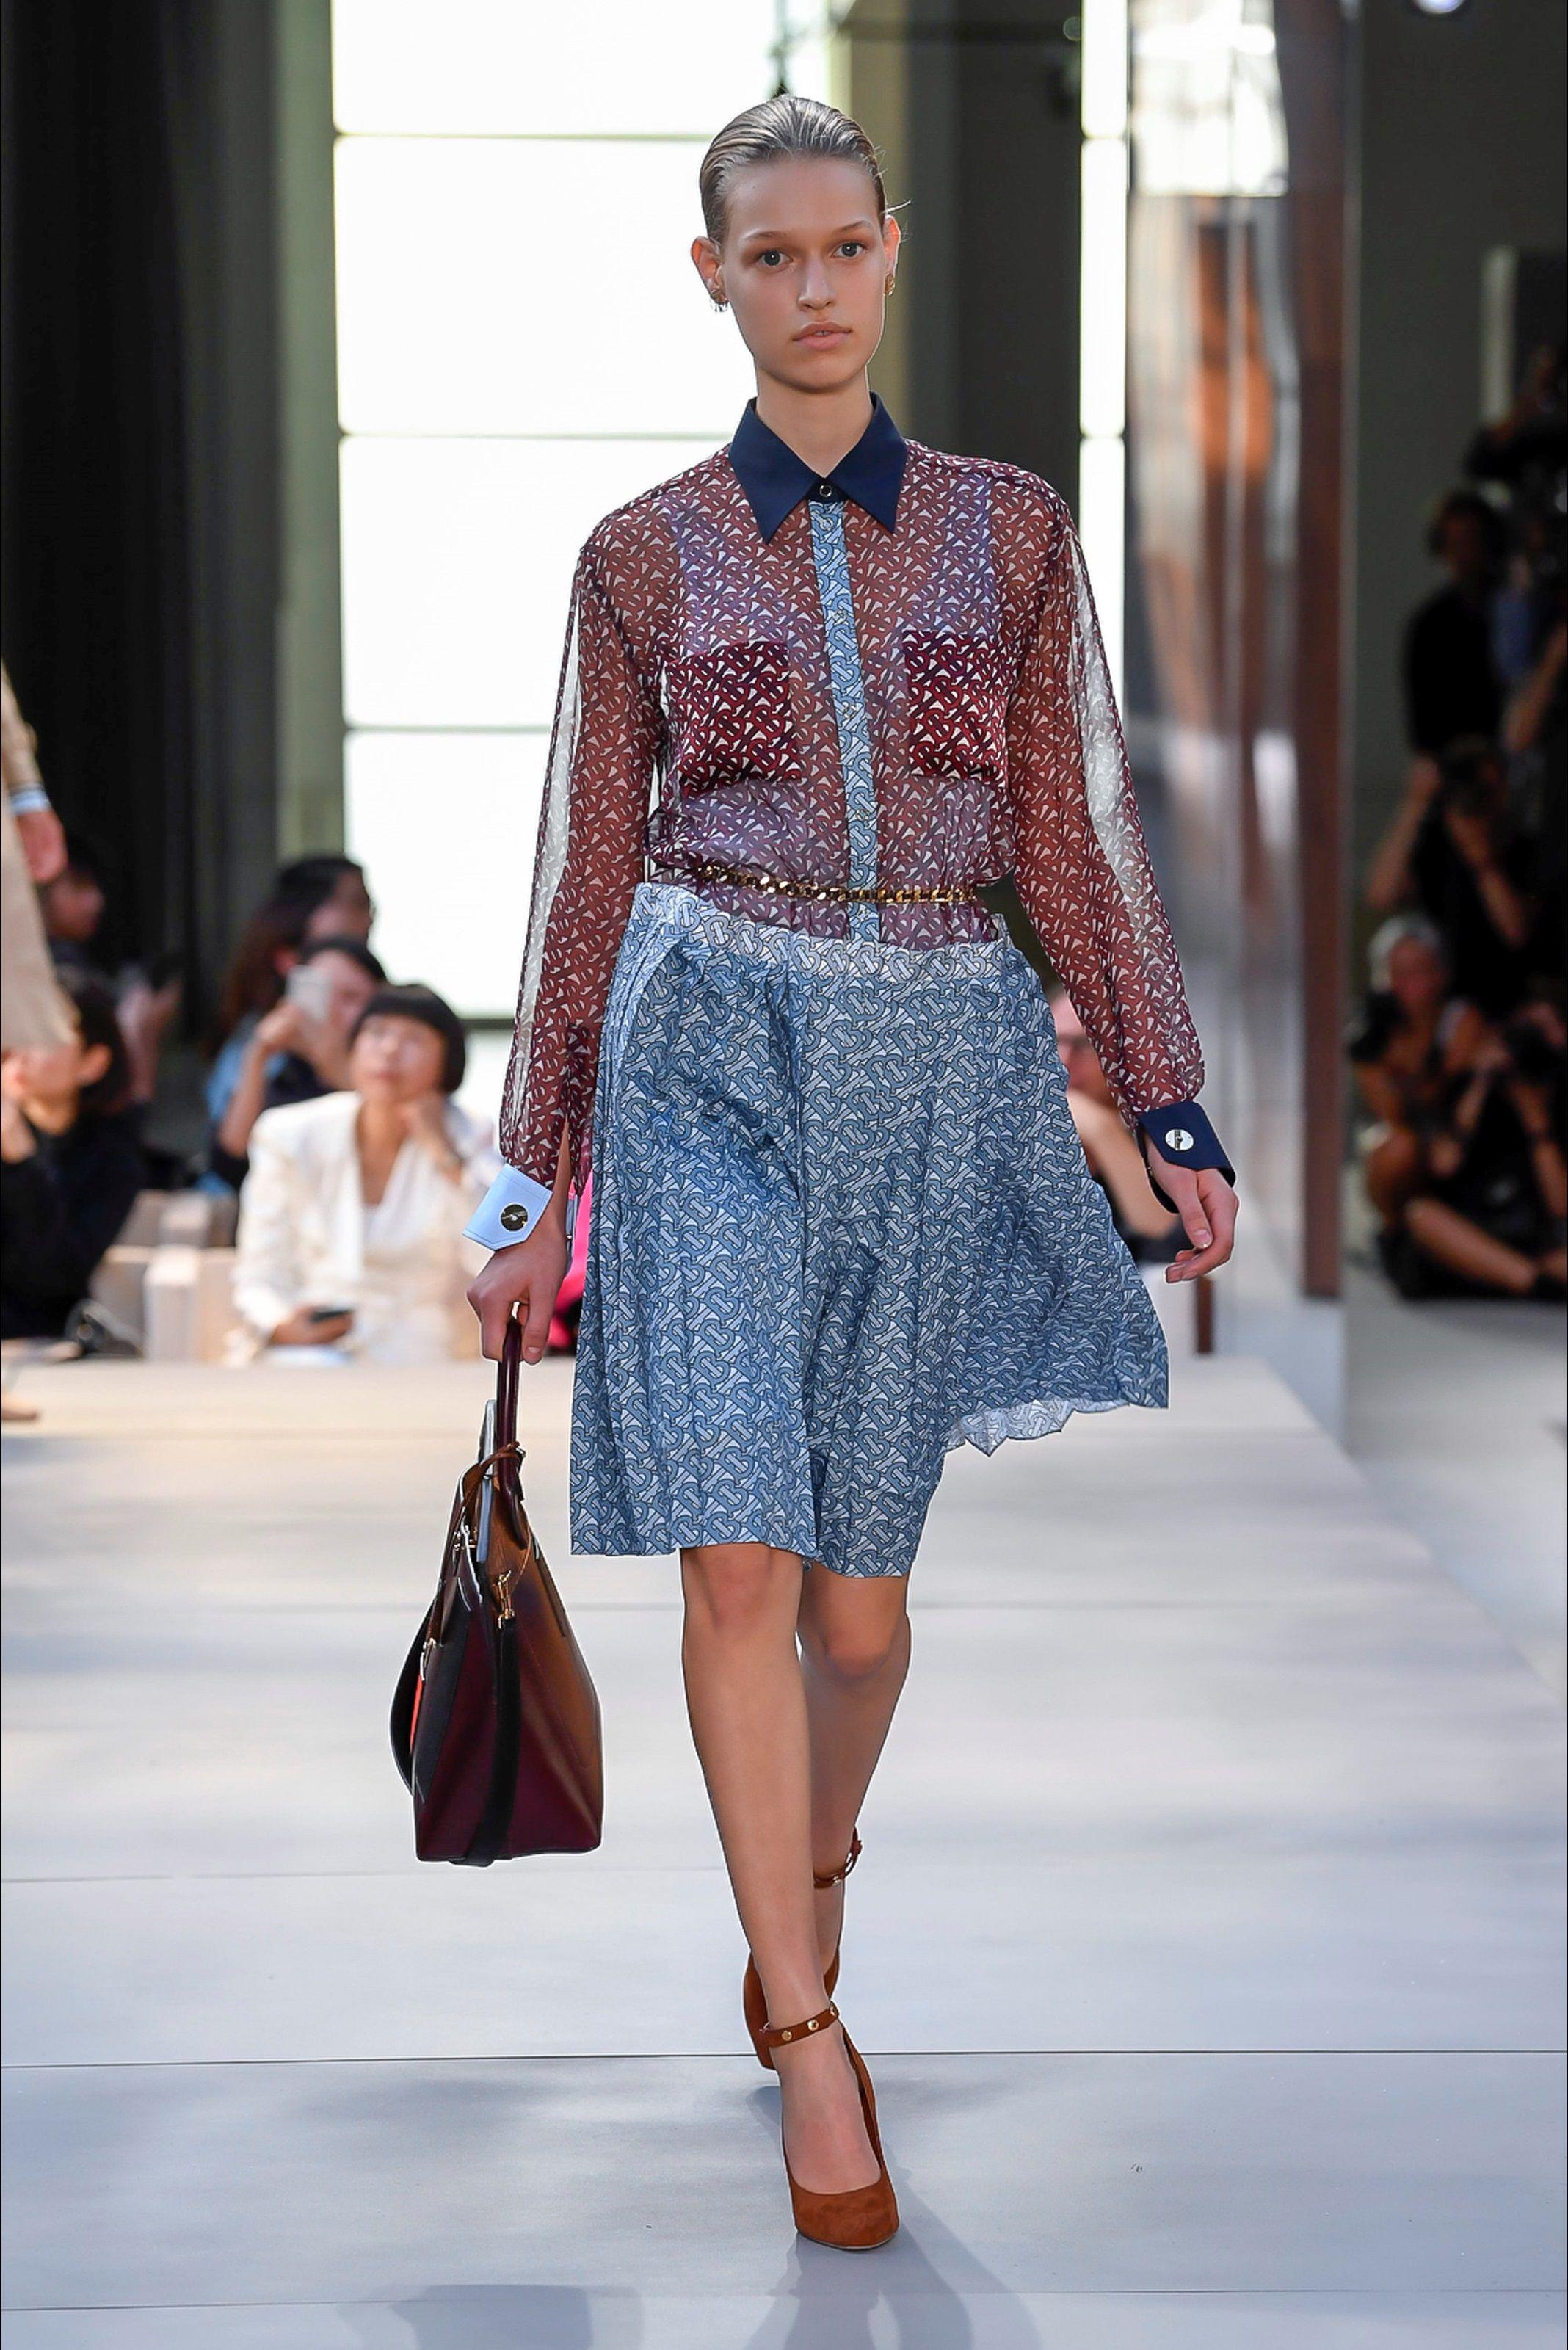 26c8bd8dd6 2019 Collezioni Primavera Burberry Vogue Sfilata Estate Londra EDW2IH9